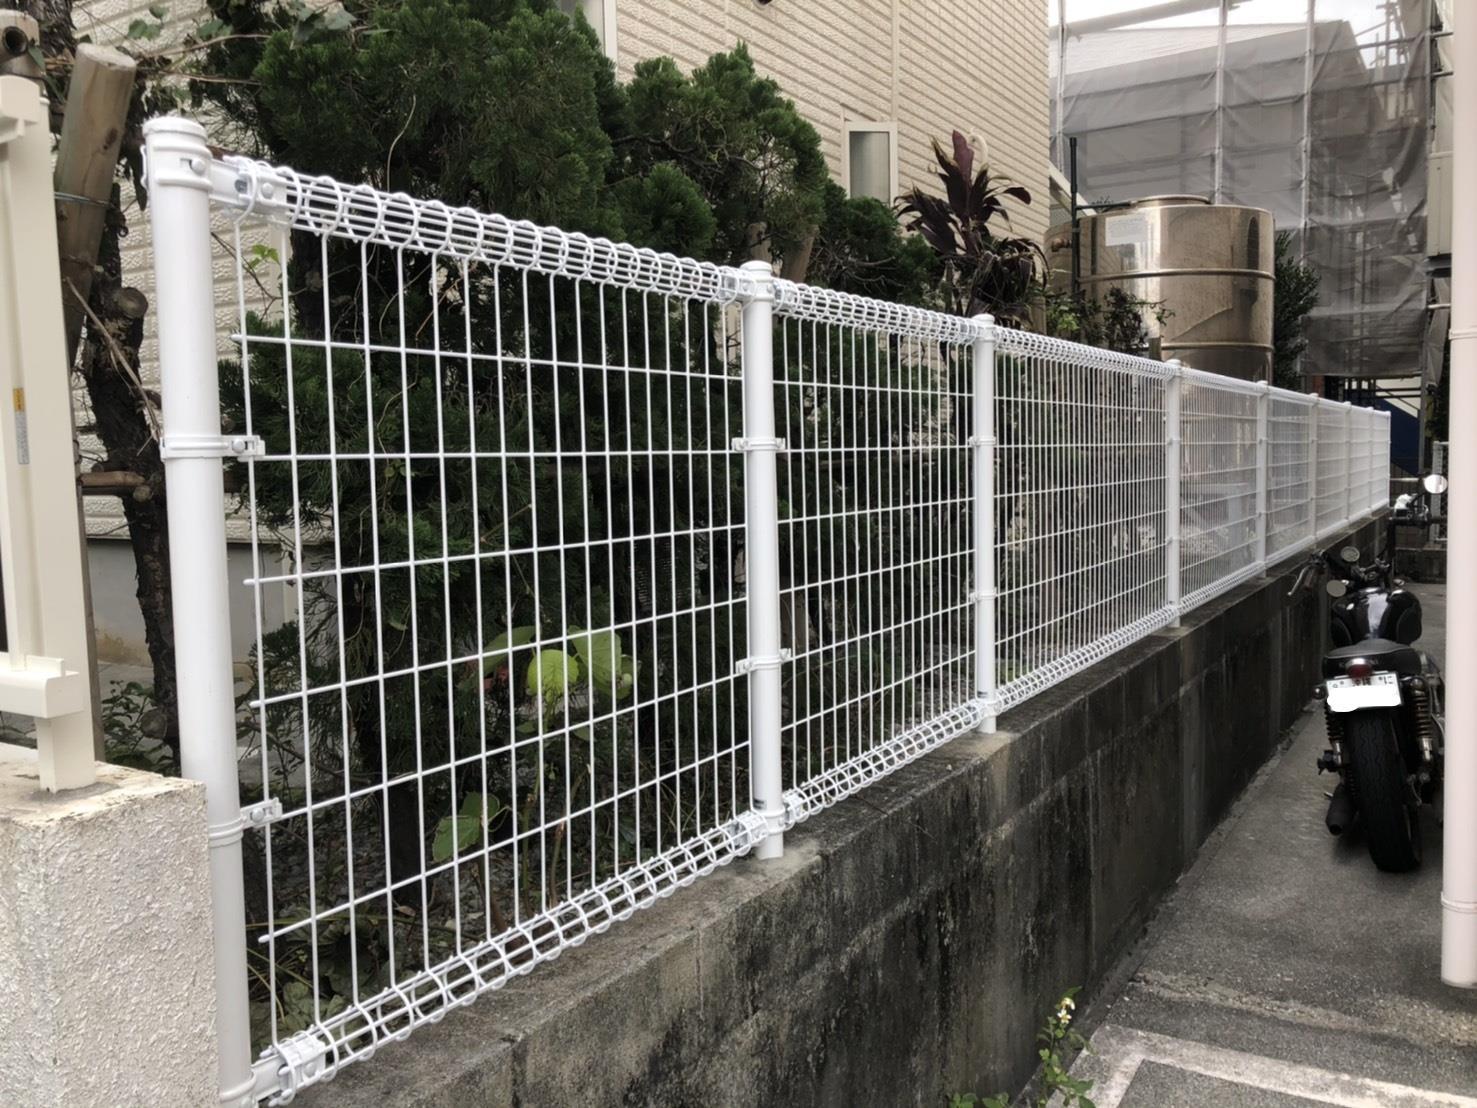 フェンス工事(リフォーム施工事例)を公開しました。 | 沖縄や那覇でリフォームするなら【株式会社 あうん工房】